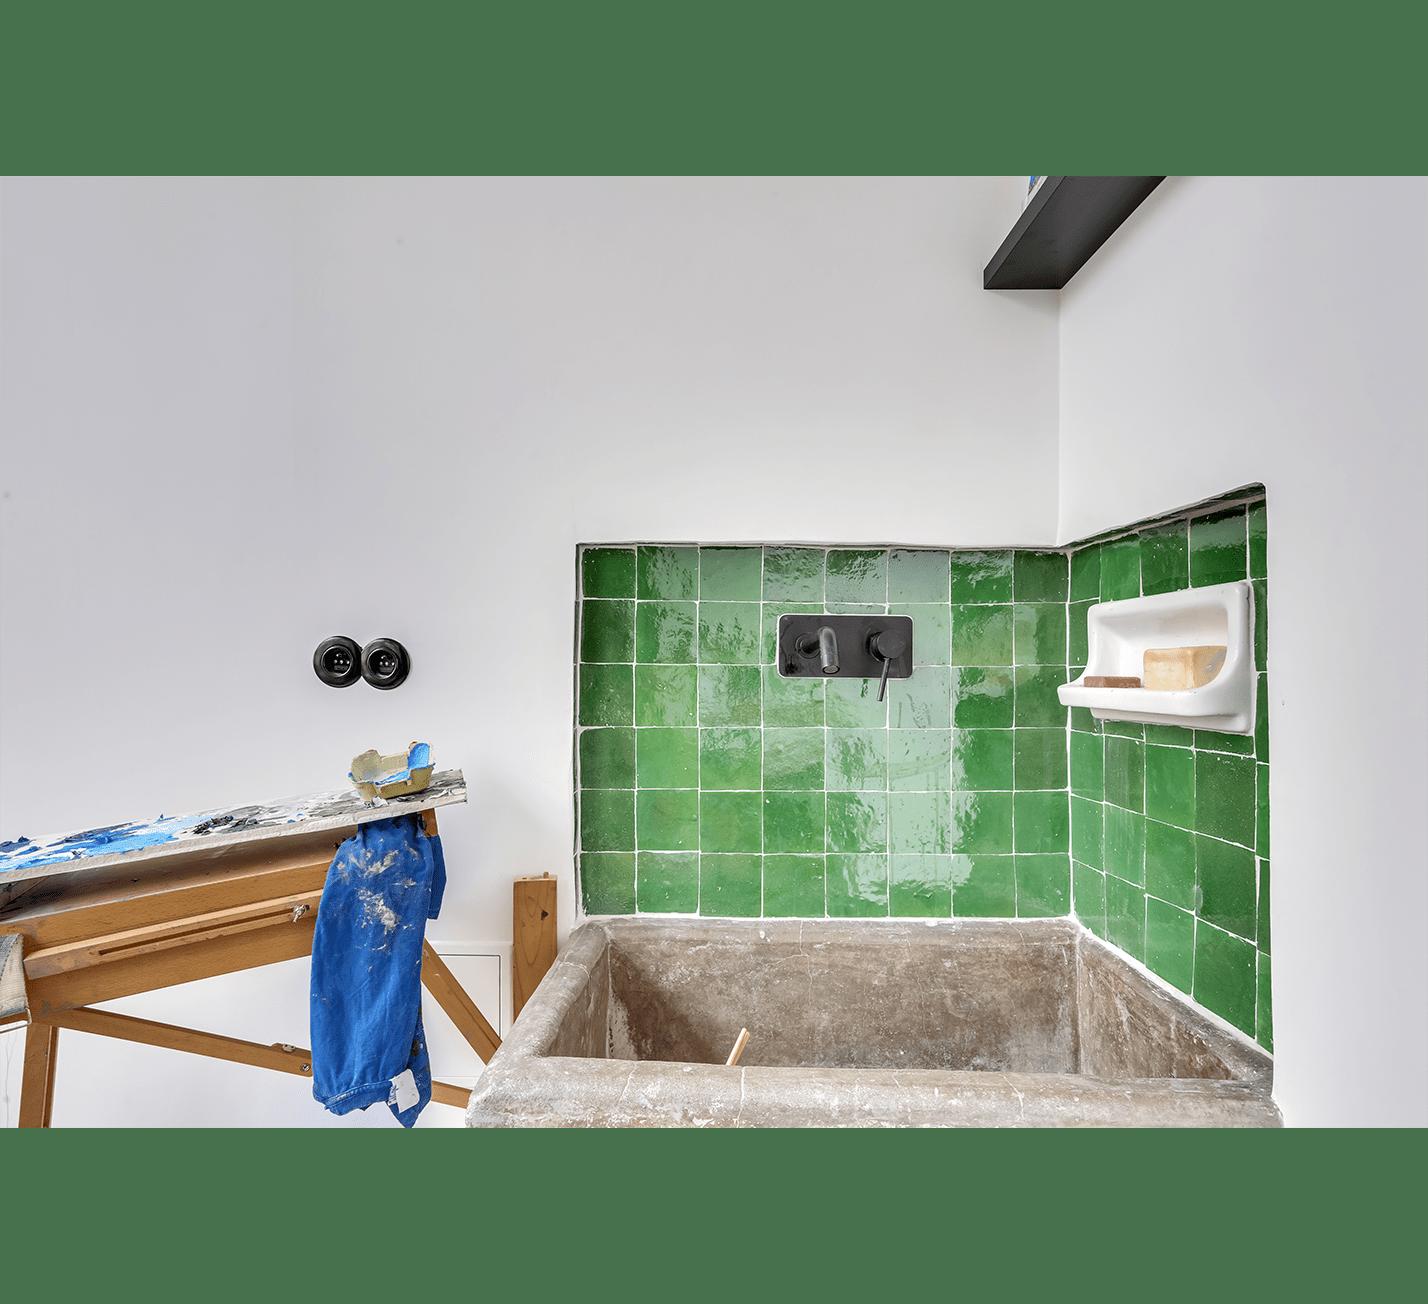 Projet-LAtelier-Atelier-Steve-Pauline-Borgia-Architecture-interieur-04-min